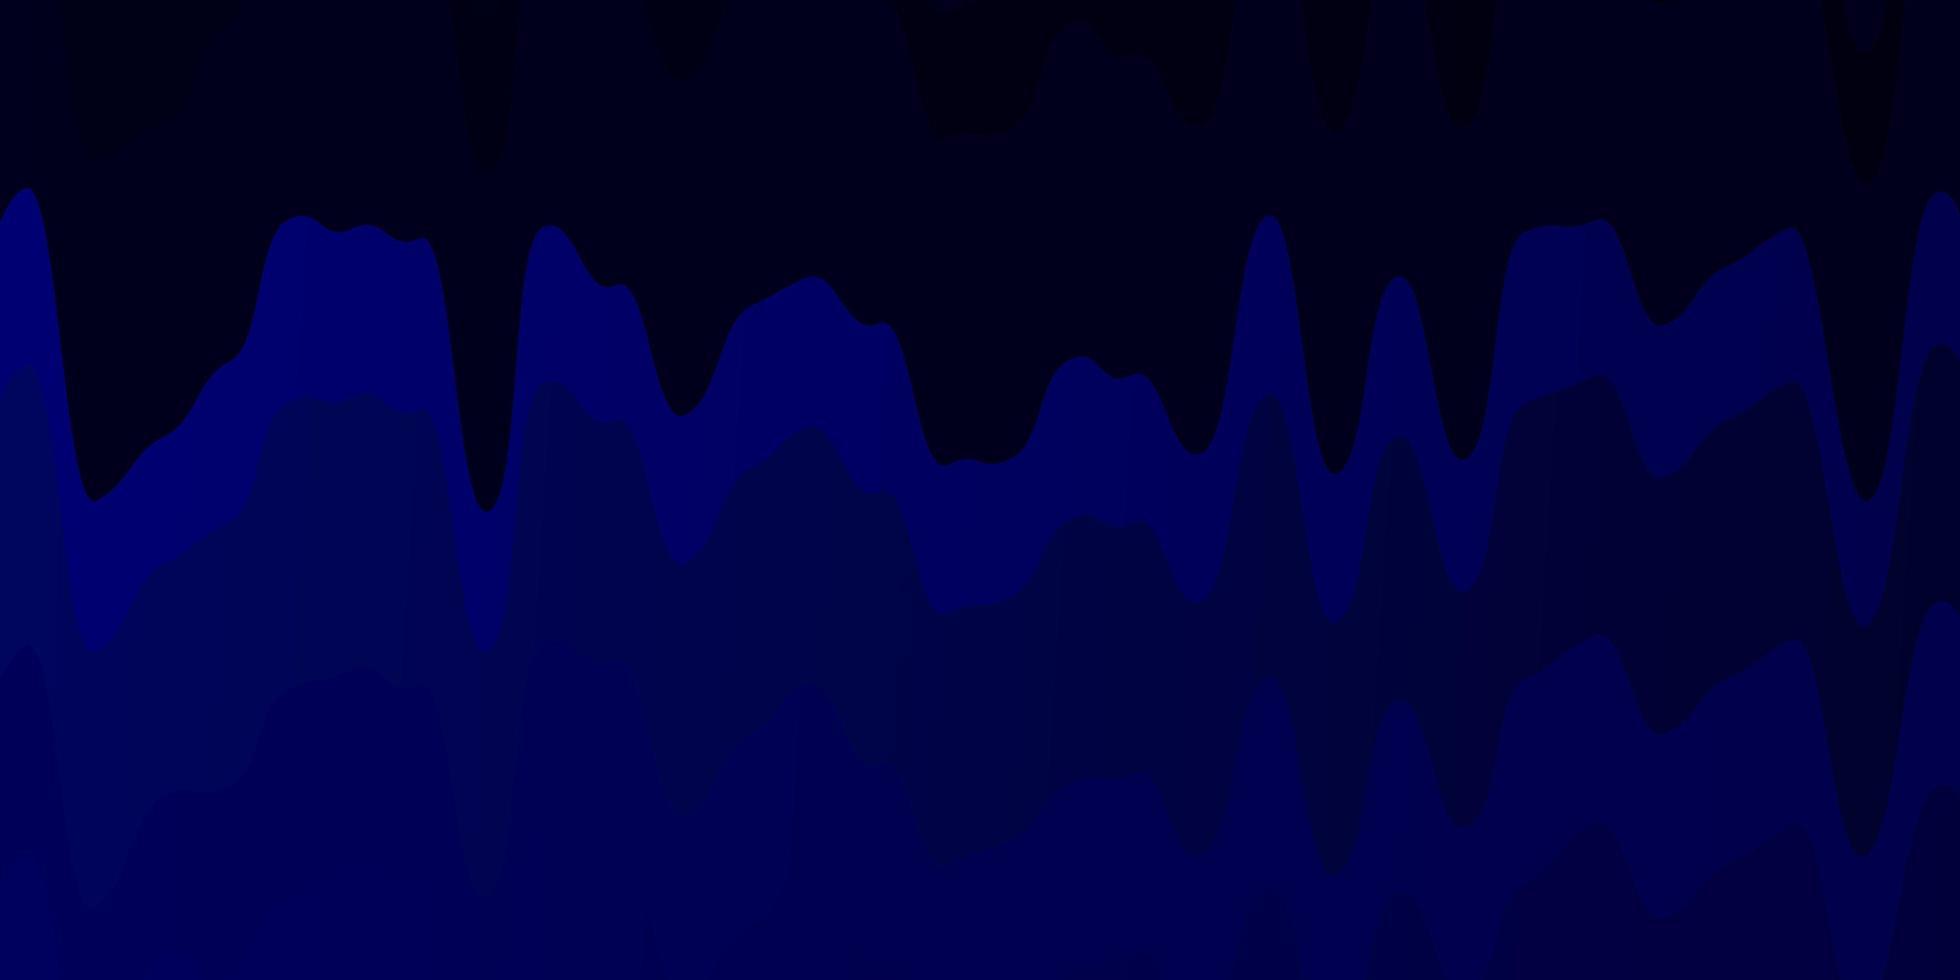 donkerblauw sjabloon met lijnen. vector